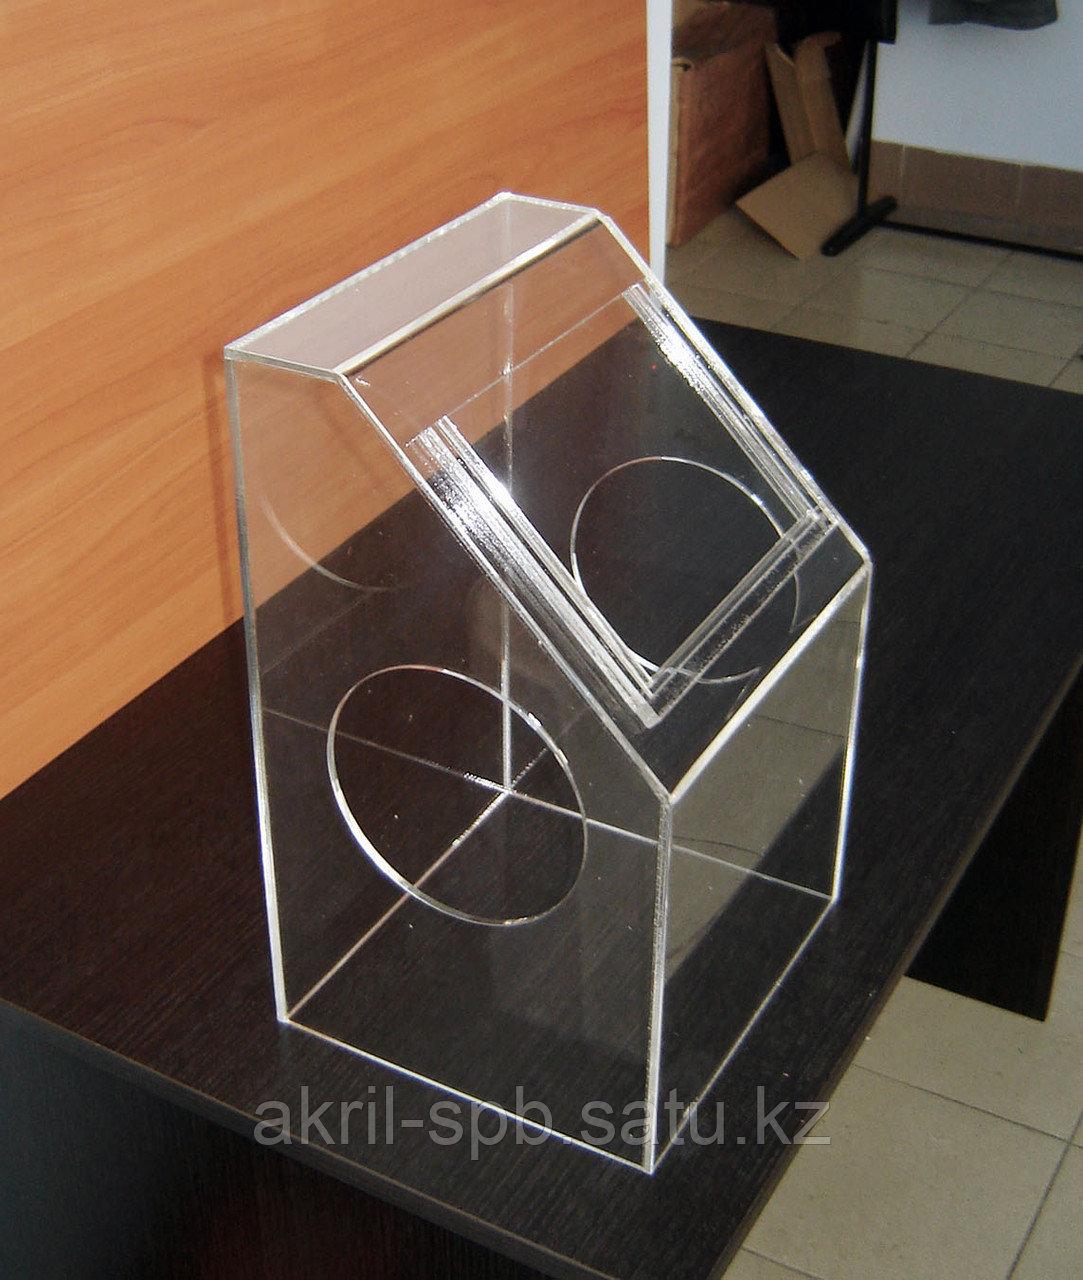 Экран защитный для ювелирных работ